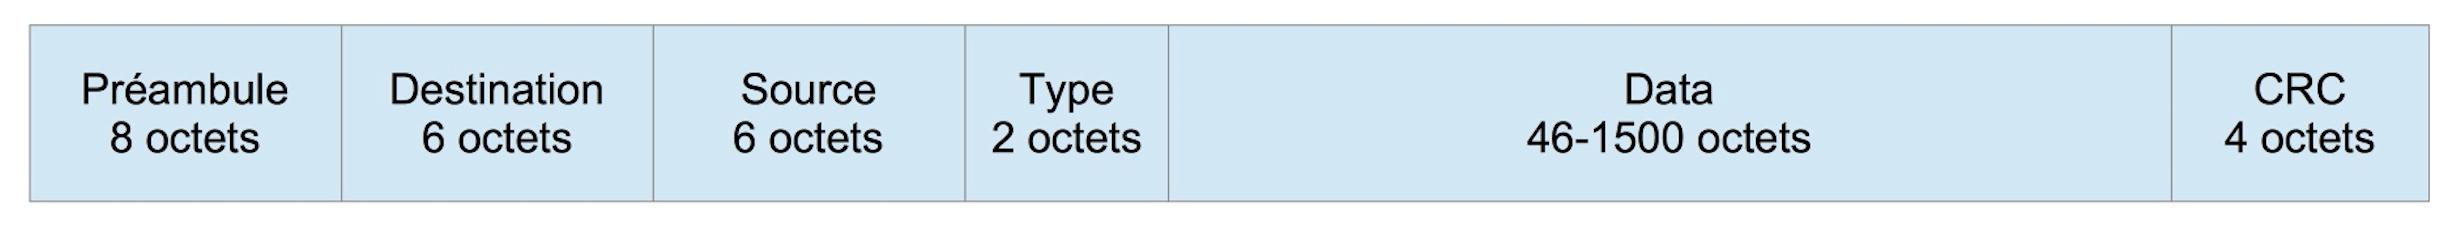 Préambule (8 octets), destination (6 octets), source (6 octets), type (2 octets), Data (46-1500 octets), CRC (4 octets).